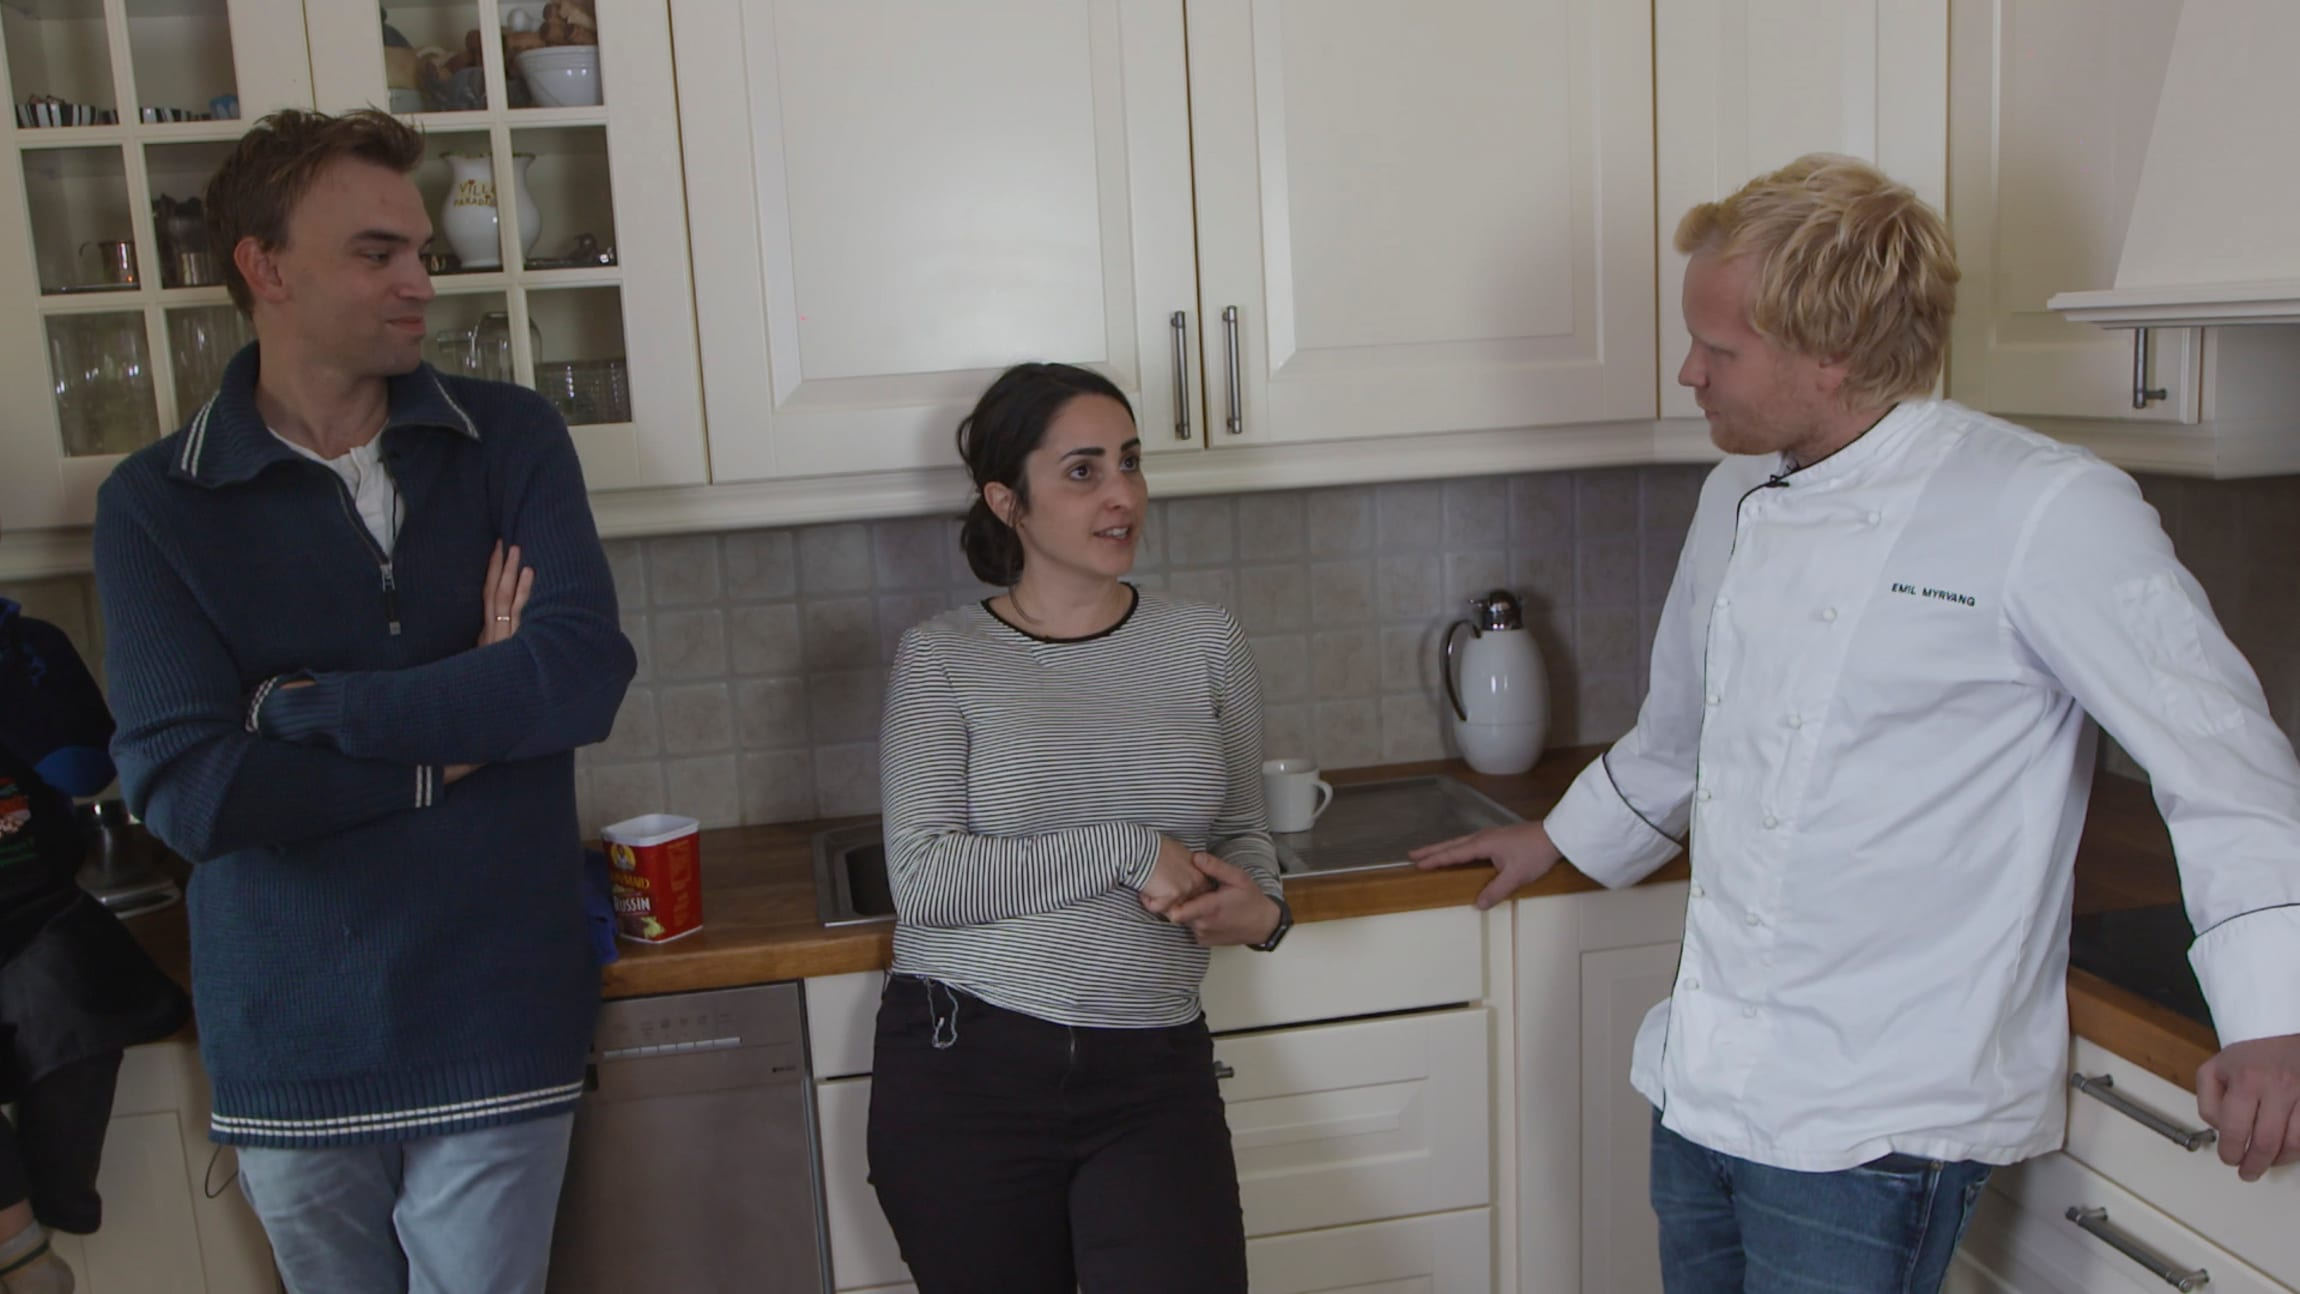 Kokken Emil kommer på besøk